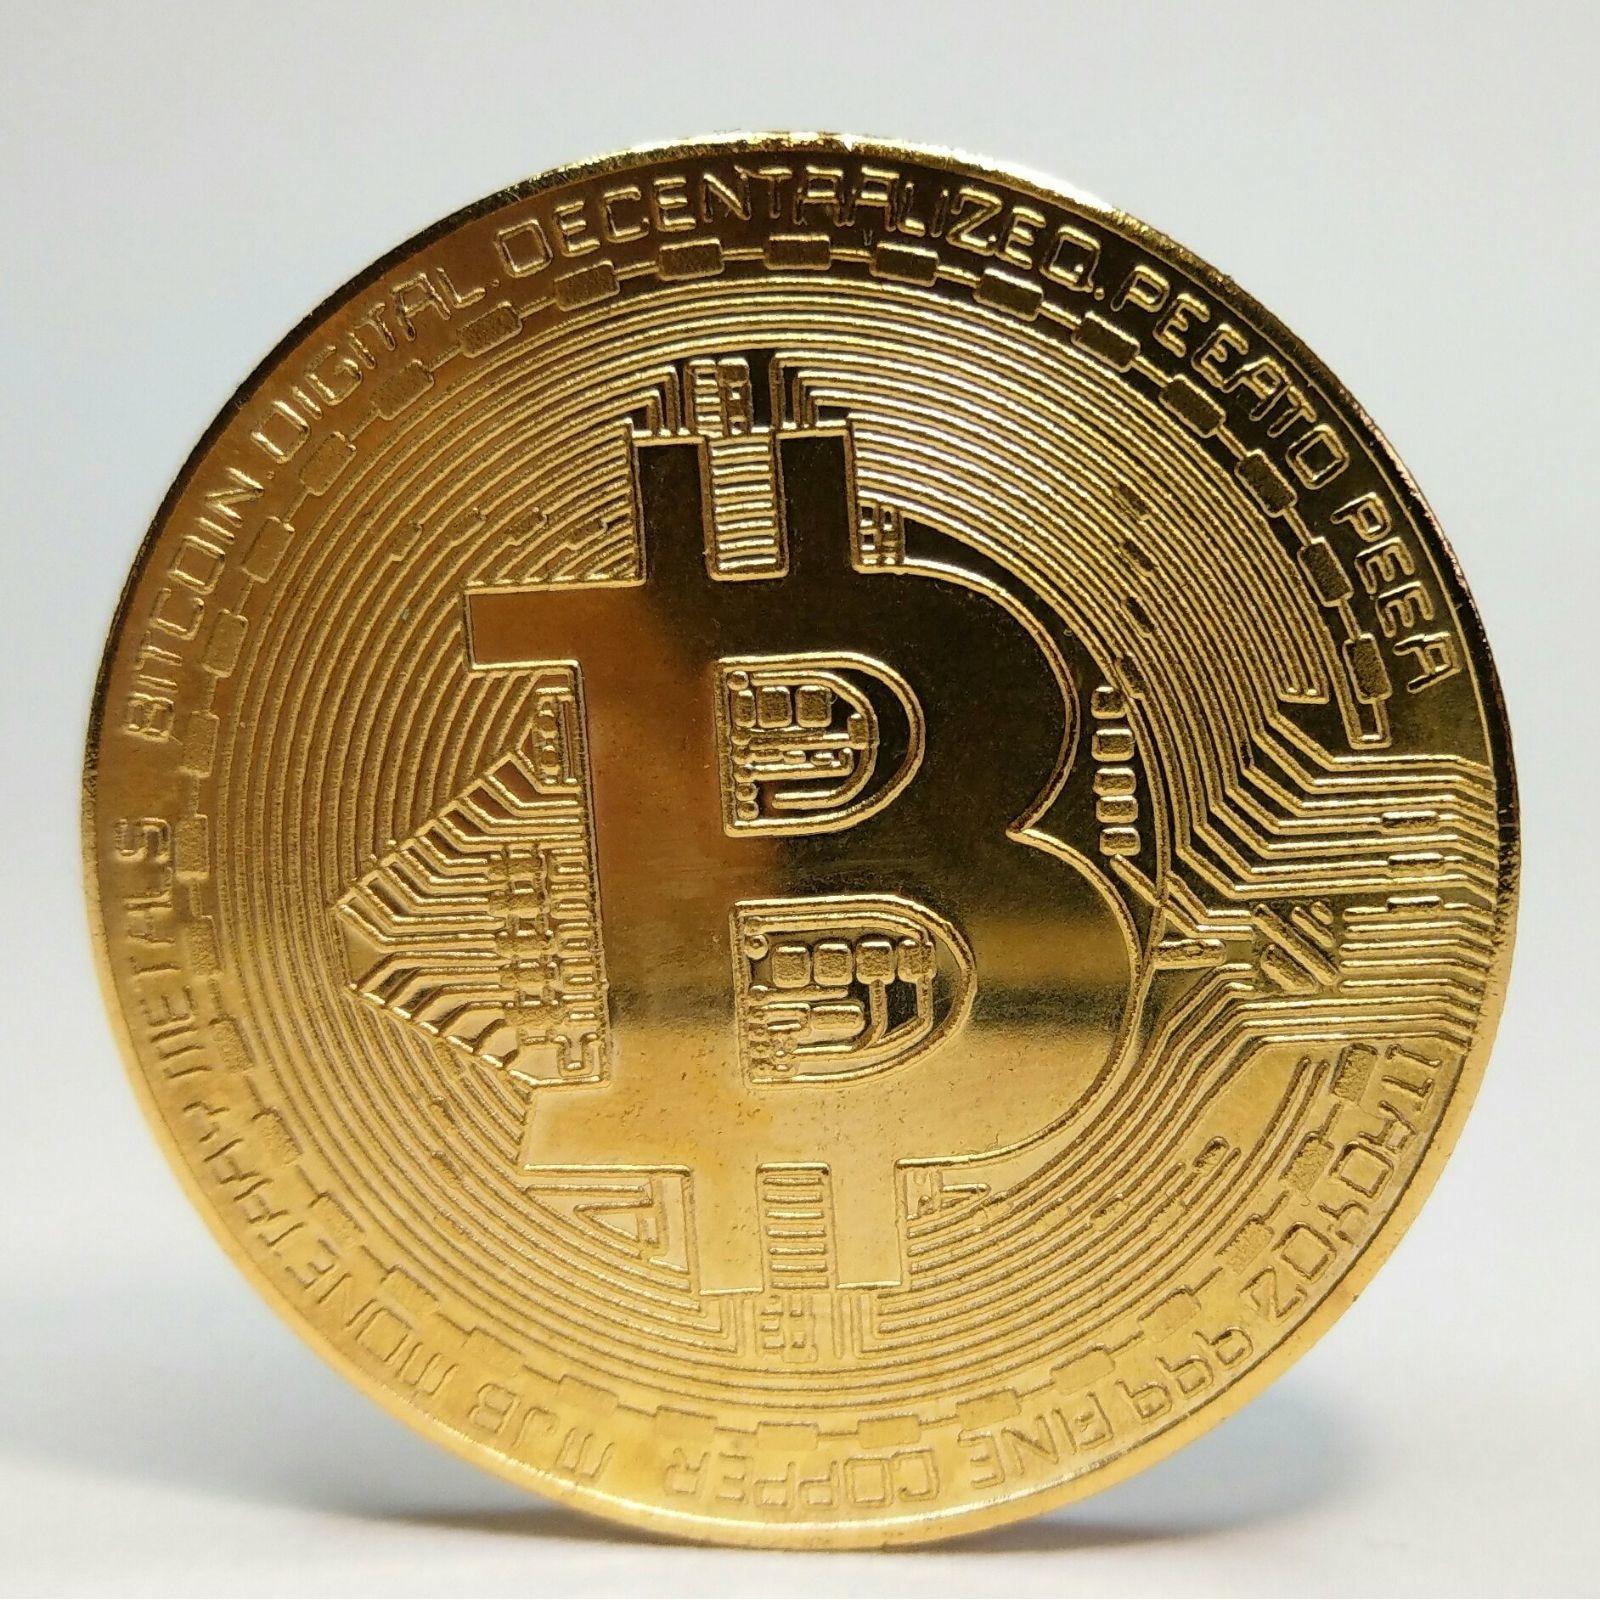 Vreau cadou bitcoin este posibil să- ți câștigi existența prin tranzacționare?